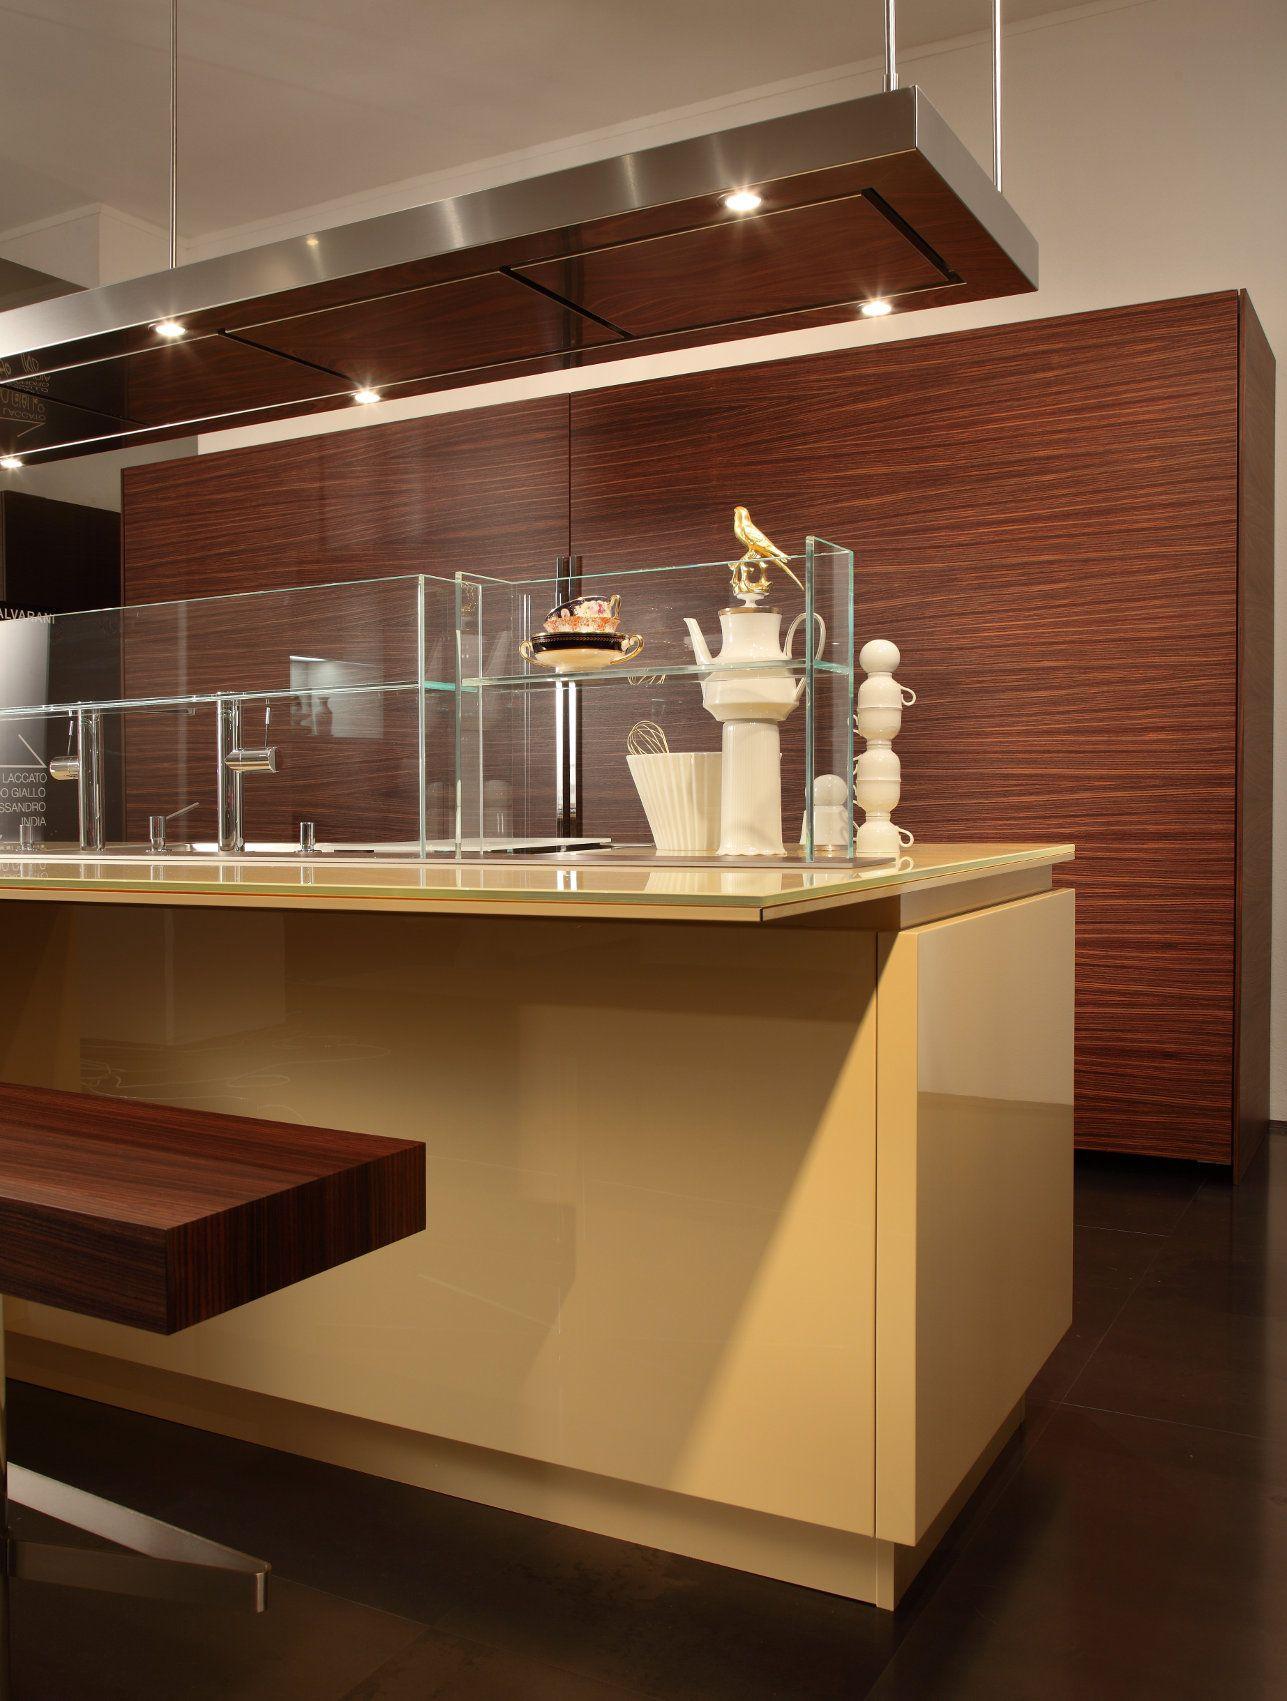 Encantador Cocina Tiendas De Diseño Danbury Ct Componente - Como ...